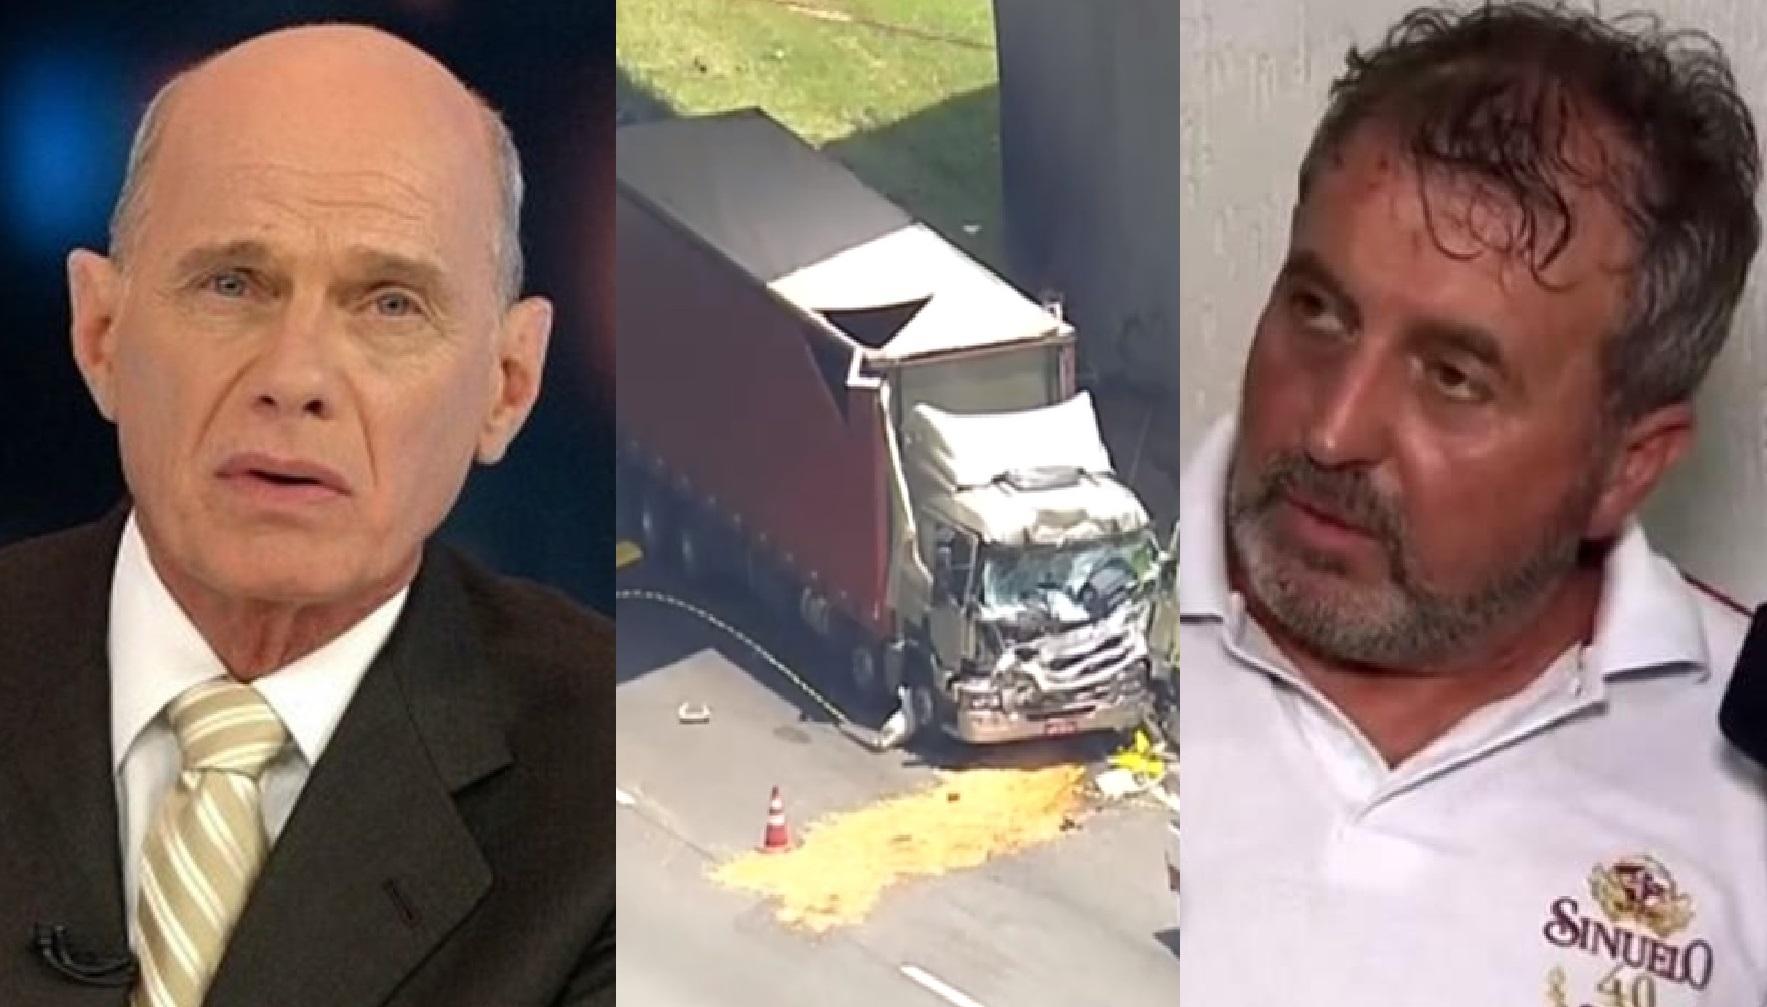 Motorista do caminhão atingido por helicóptero que vitimou Boechat conta o que viu